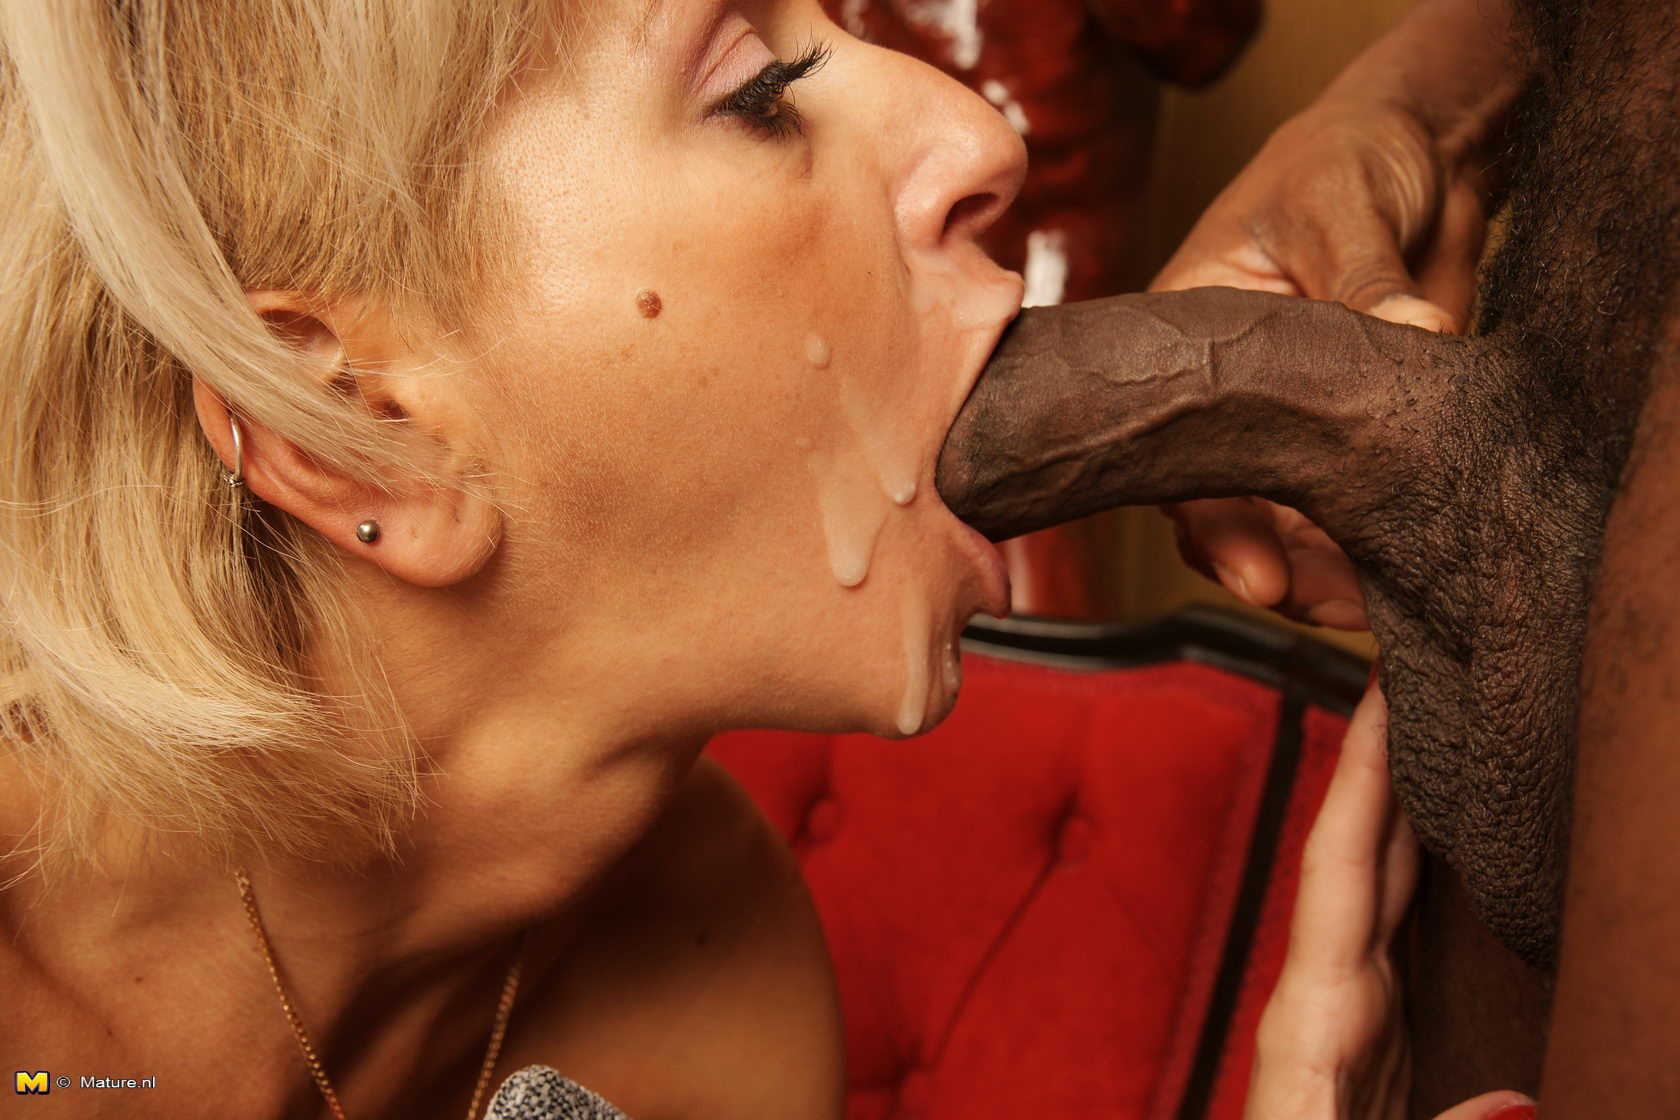 Сперма на лицо - Галерея № 3540040